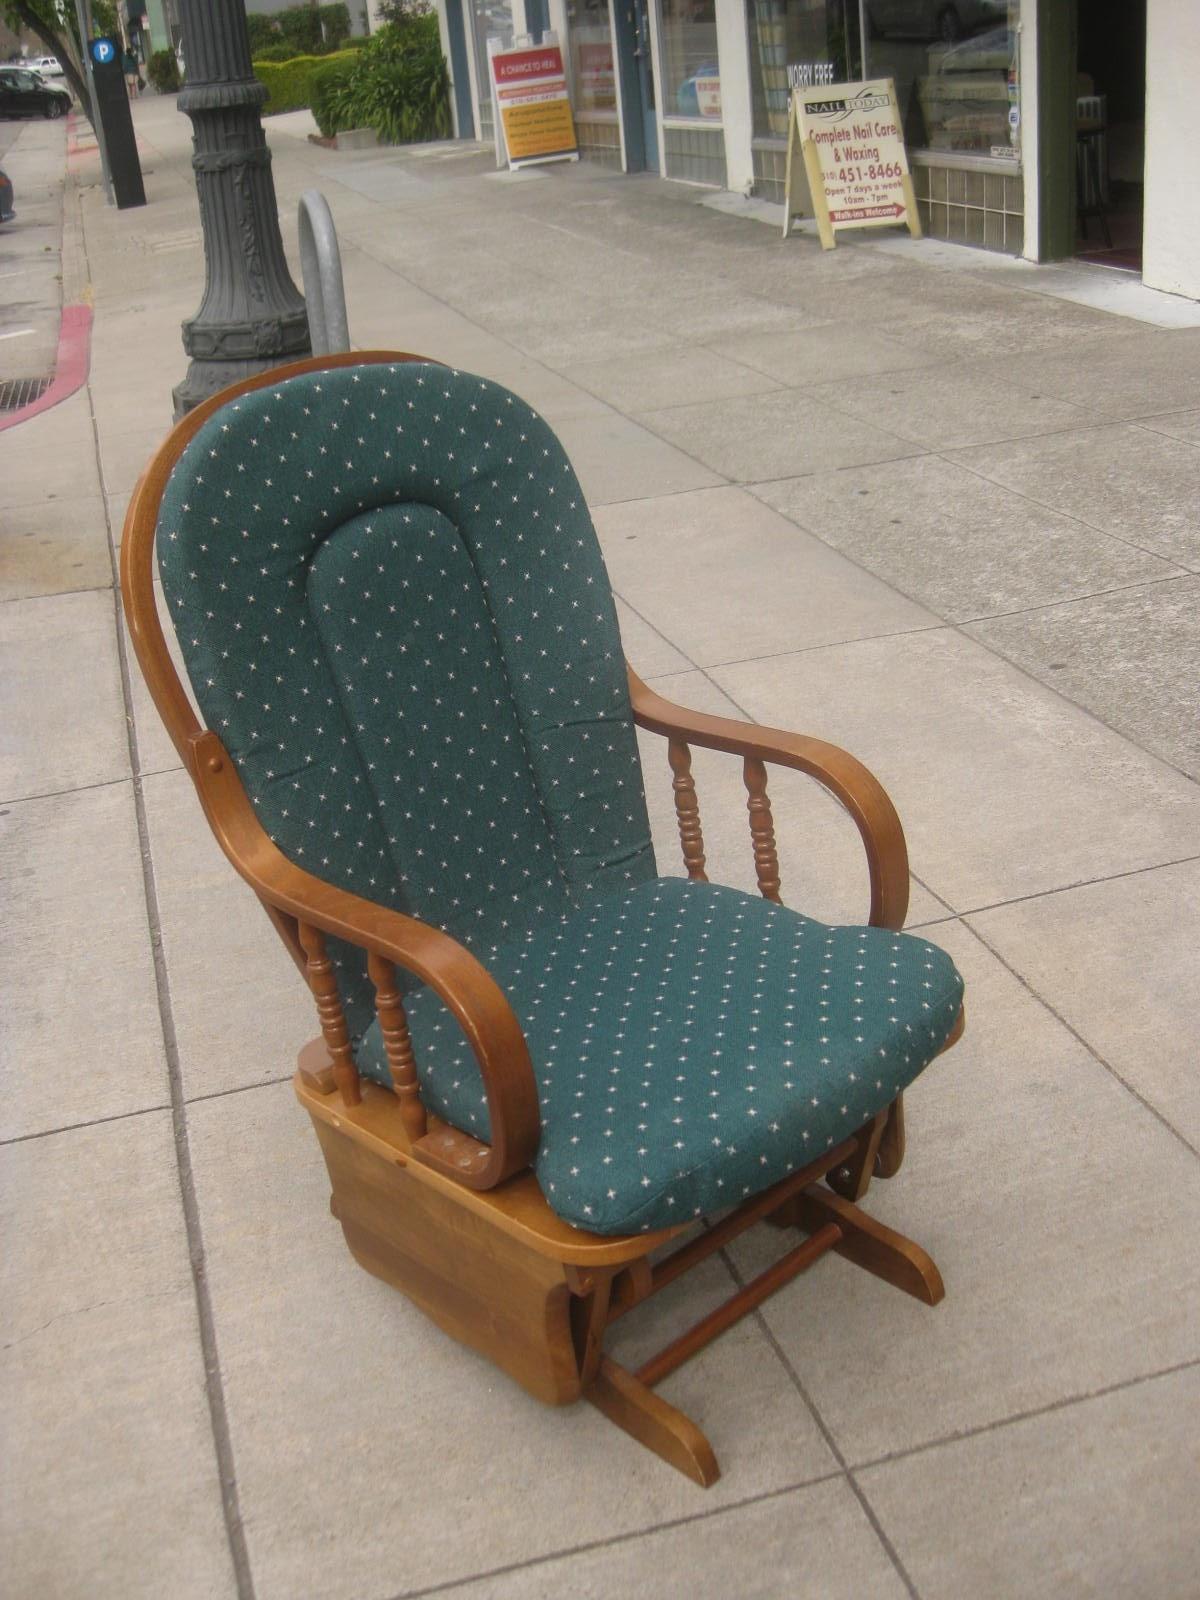 Green Rocking Chair Eddie Bauer Uhuru Furniture And Collectibles Sold